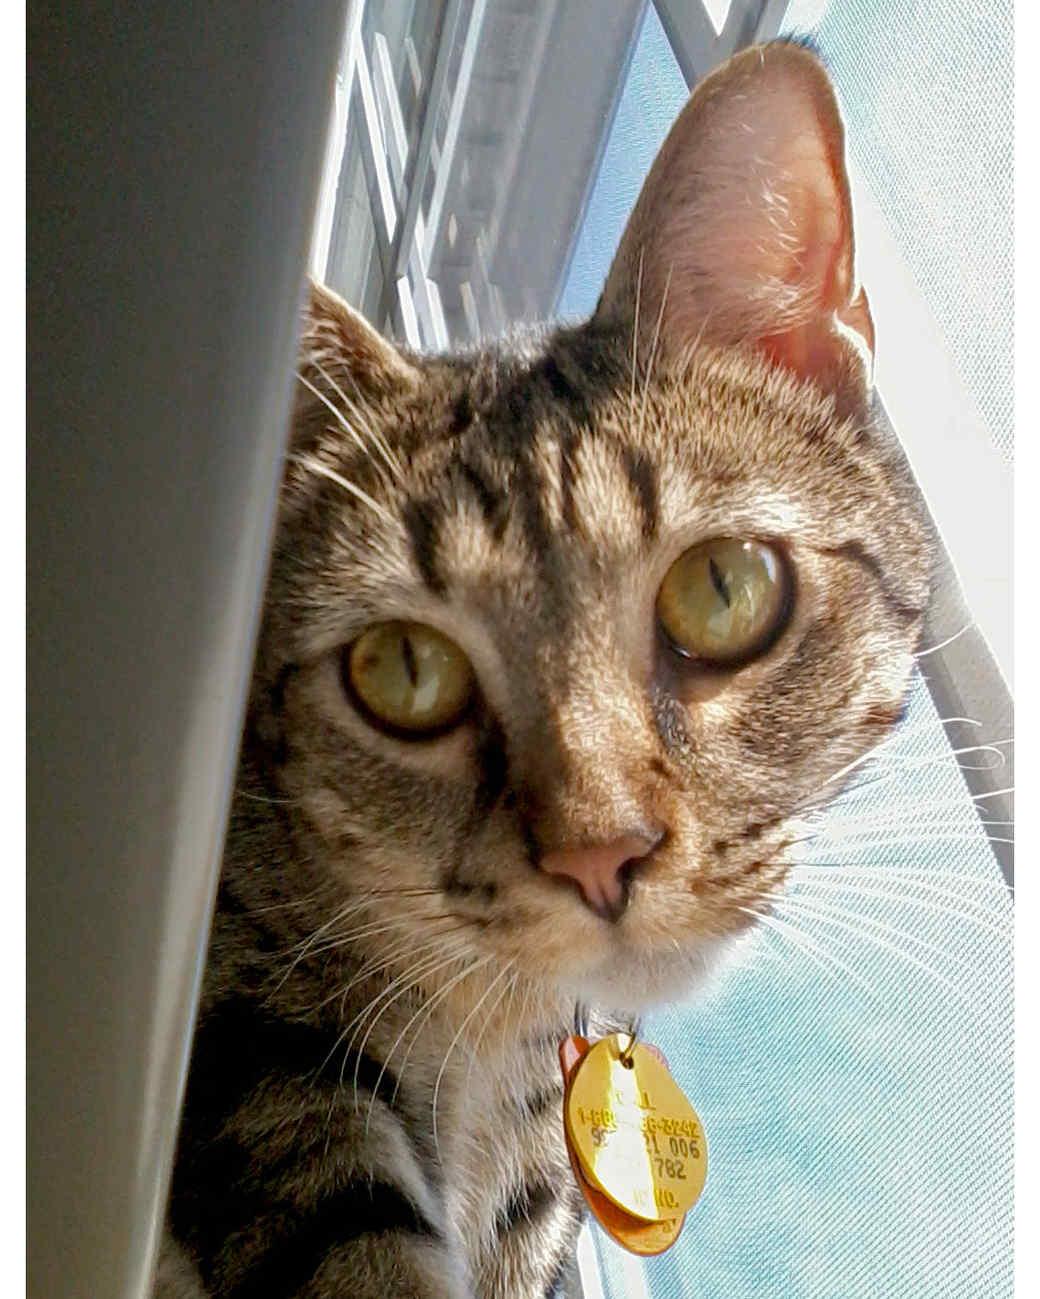 ugc-adoptable-0811-33602594.jpg